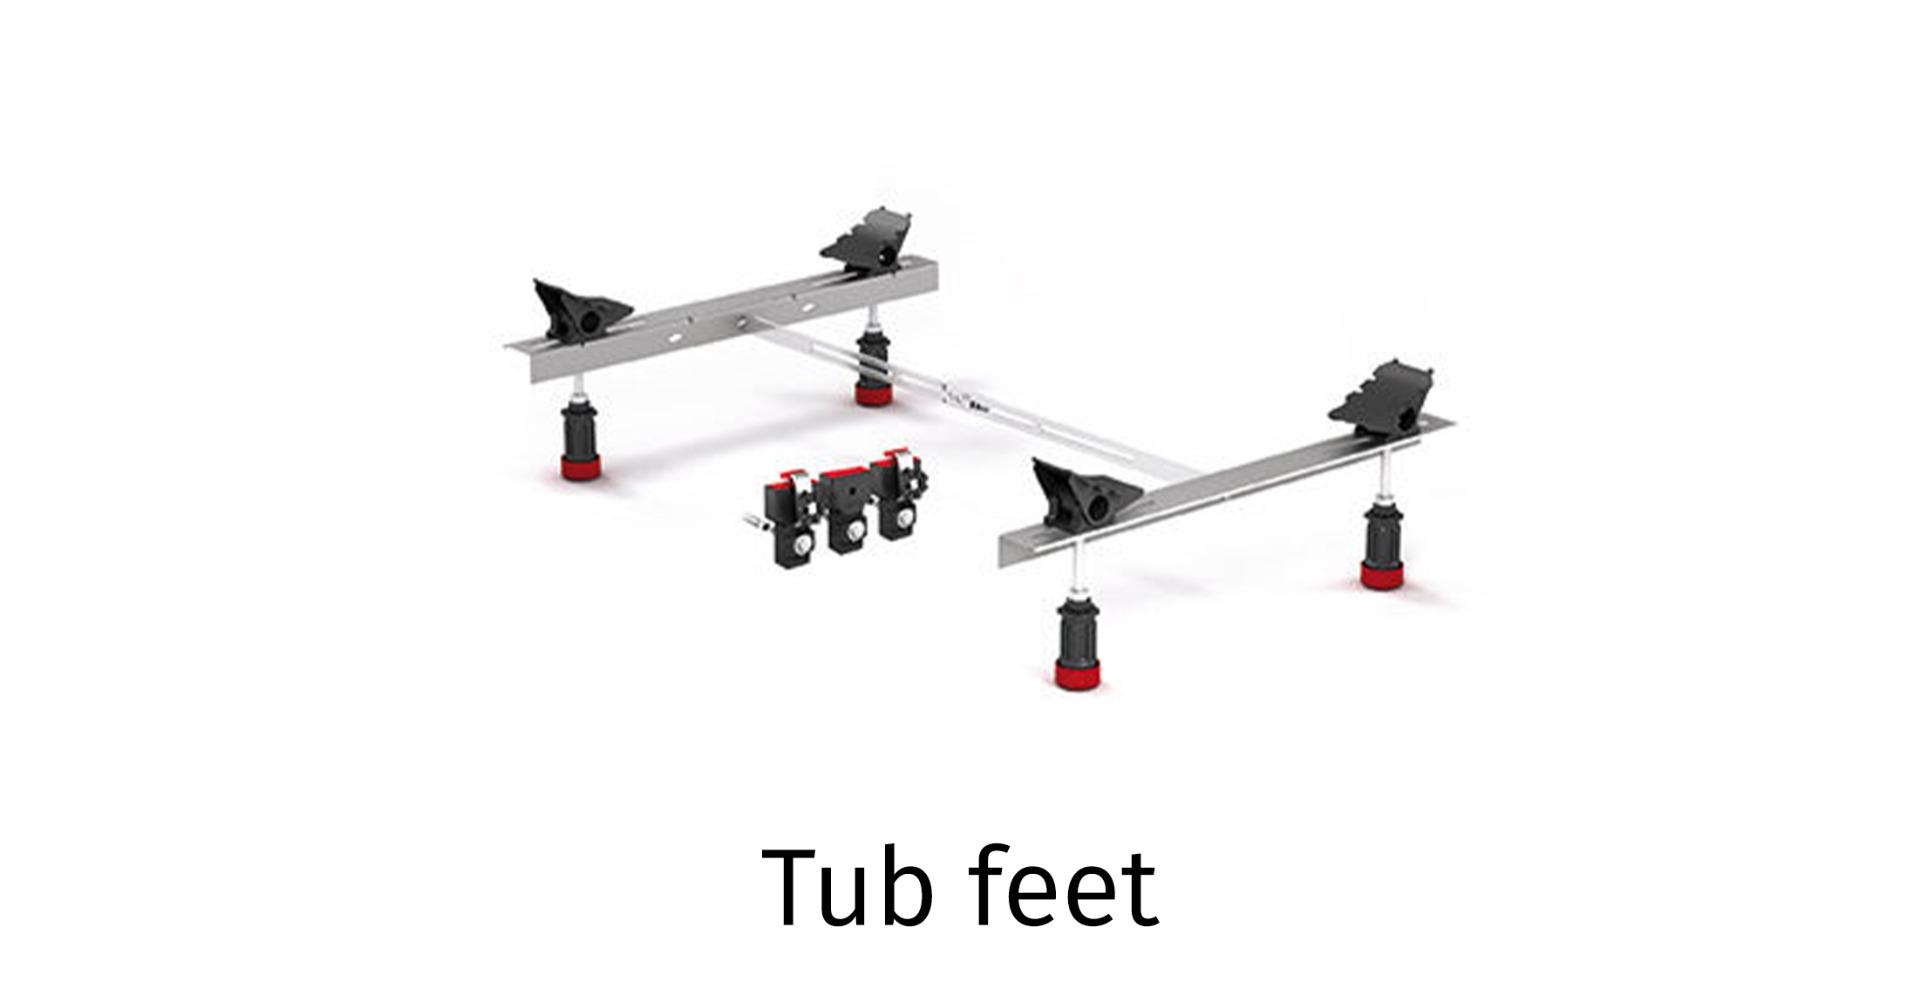 Tub feet